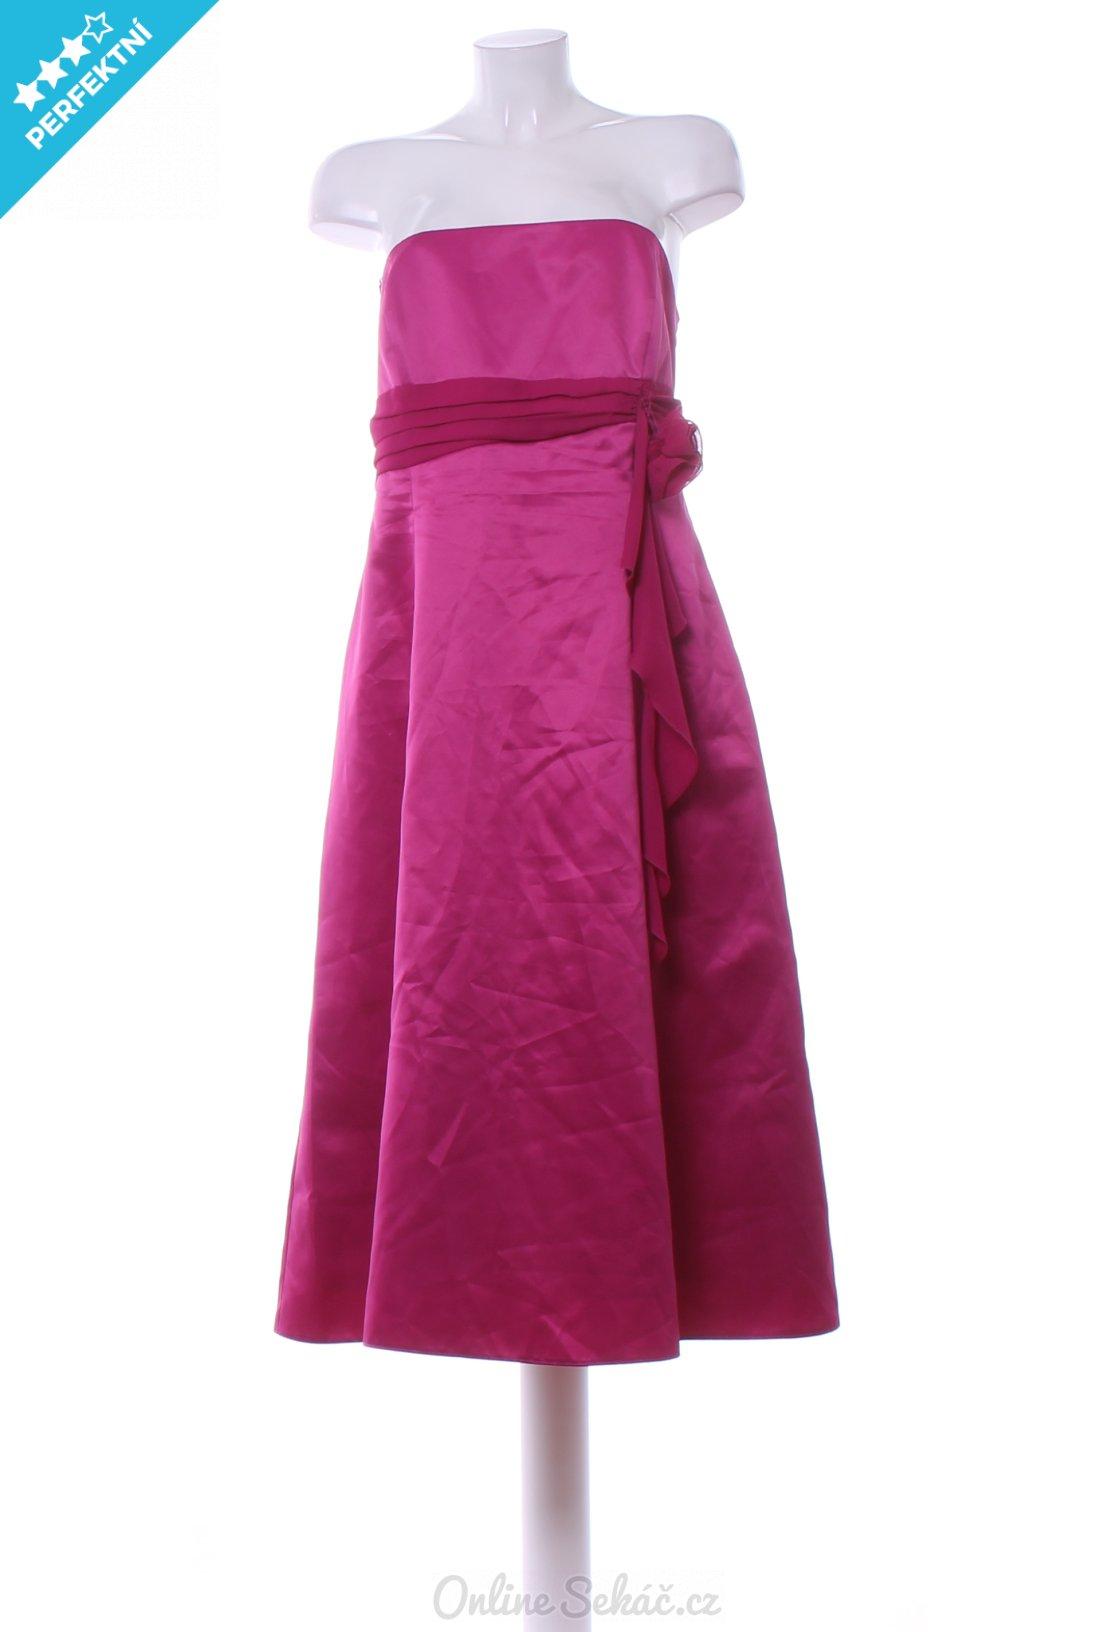 75c11654a719 Second hand > Dámské > Šaty dlouhé > Dámské večerní šaty GEORGE XXL, růžová  #17115122523841